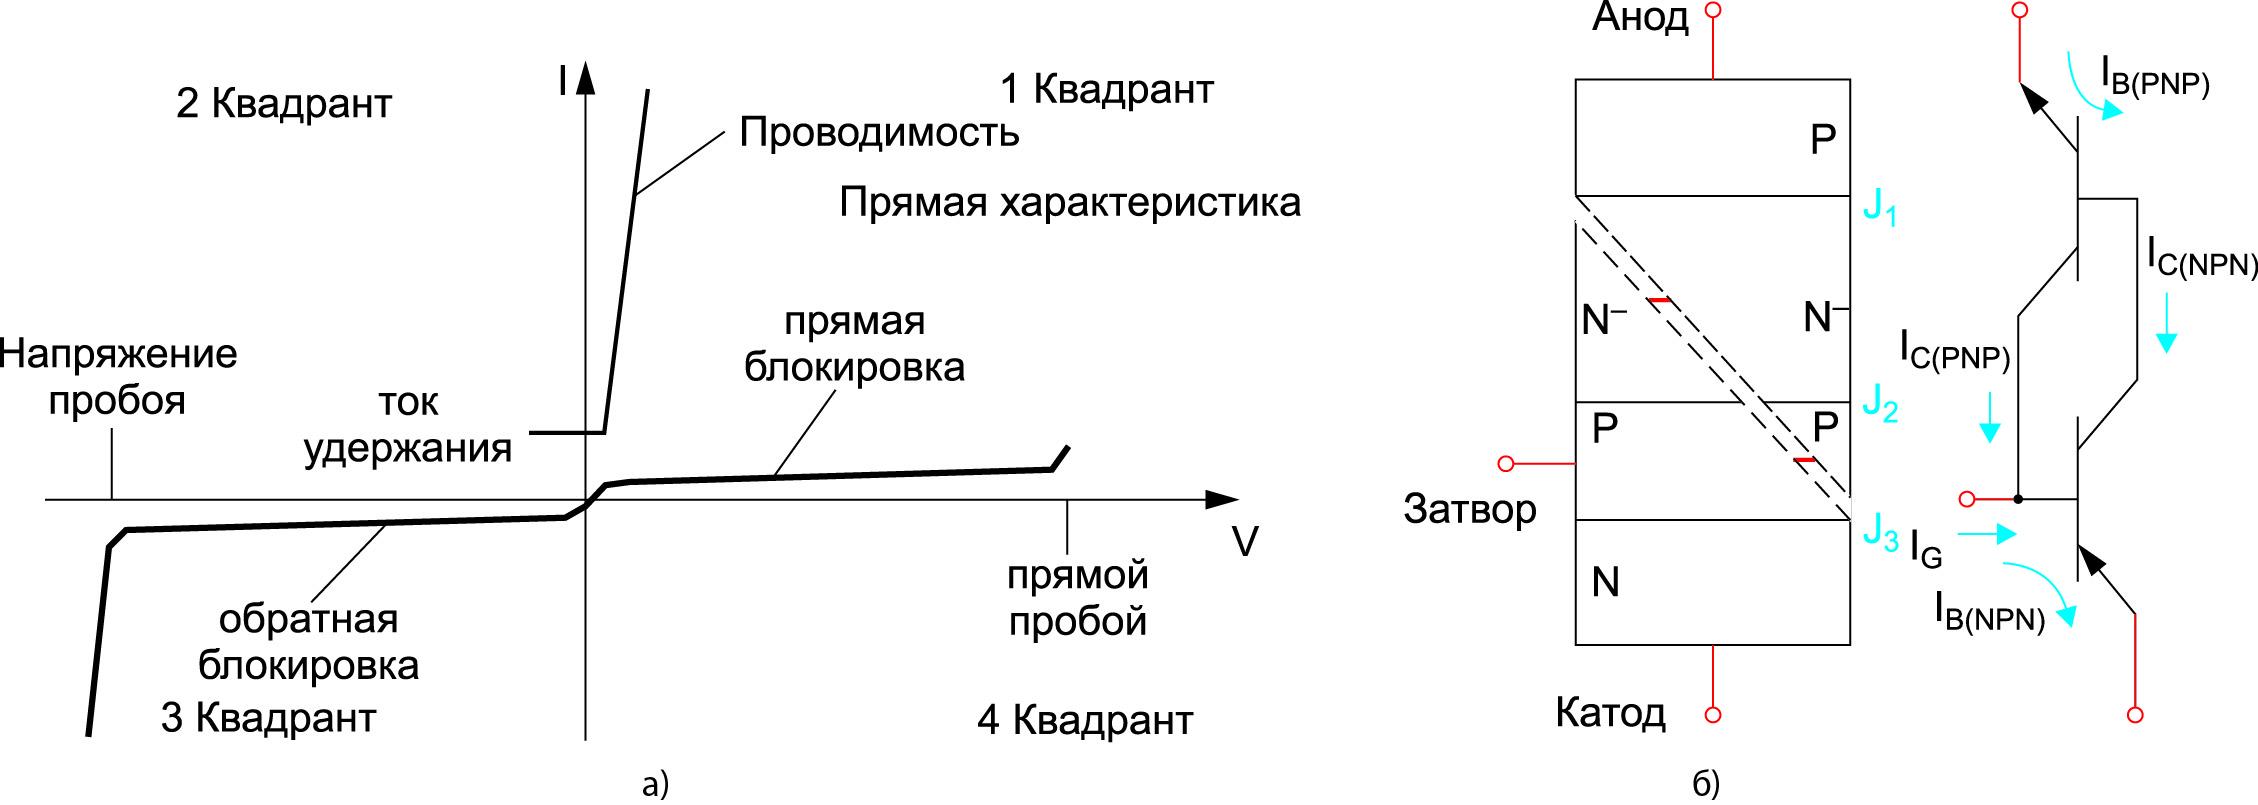 Вольт-амперные характеристики и рабочие зоны симметричного тиристора